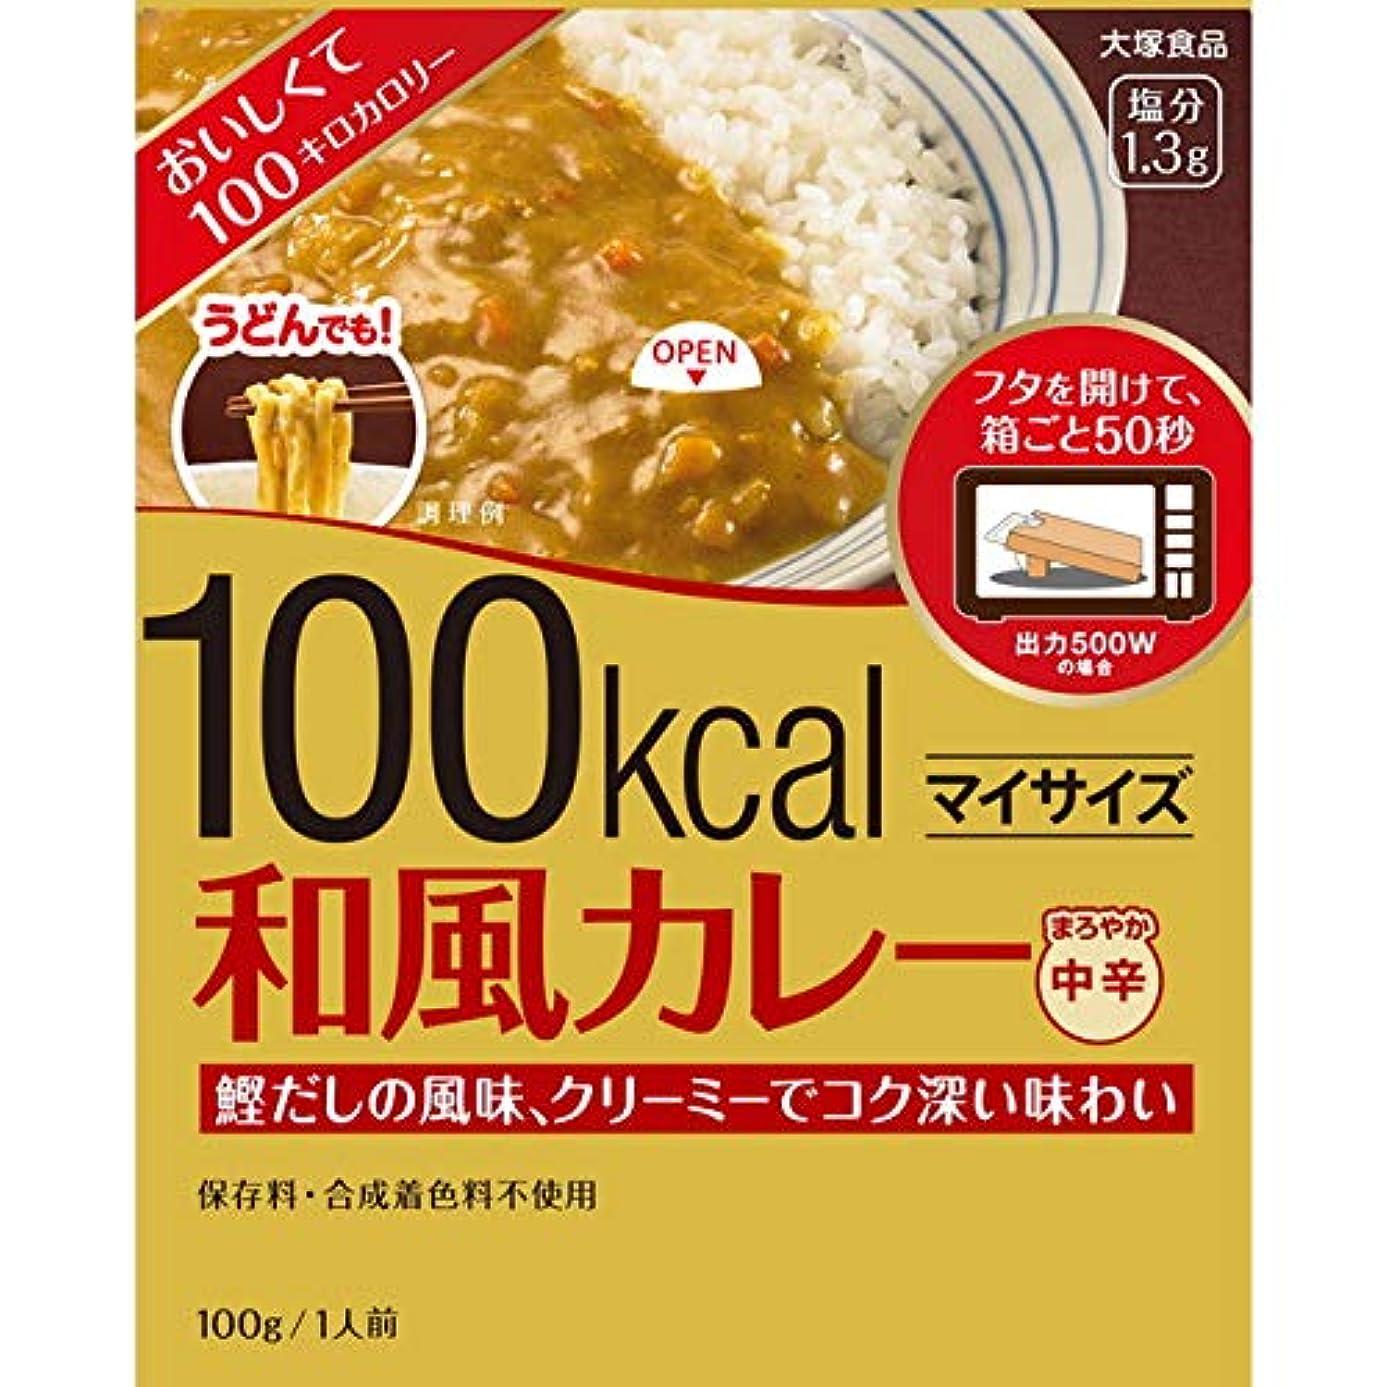 コスチュームスケルトンゆでる大塚 マイサイズ 和風カレー 100g【5個セット】